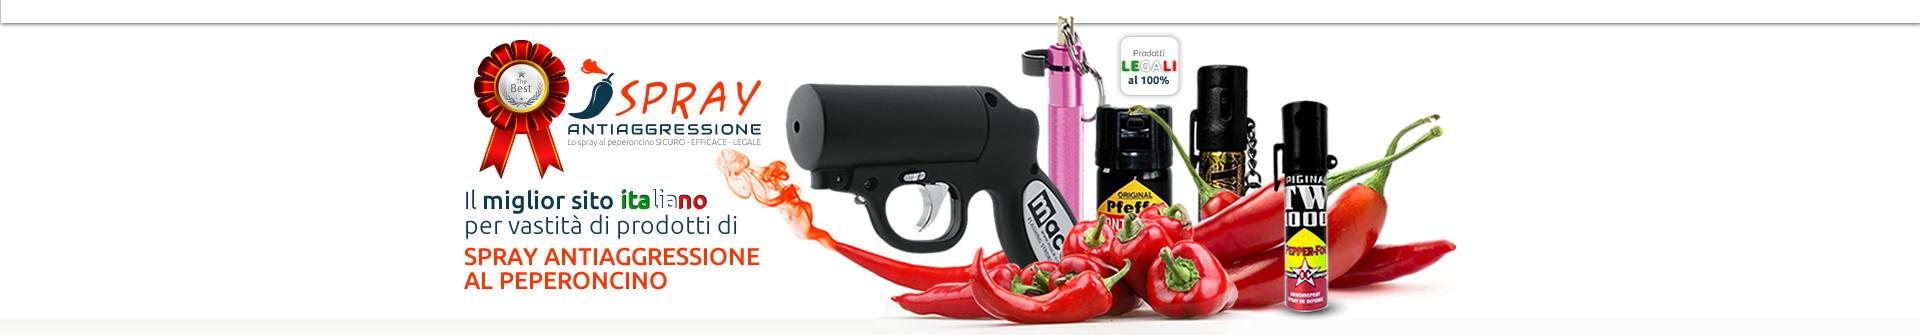 il miglior sito in Italia per vastità di prodotti di spray antiaggressione al peperoncino